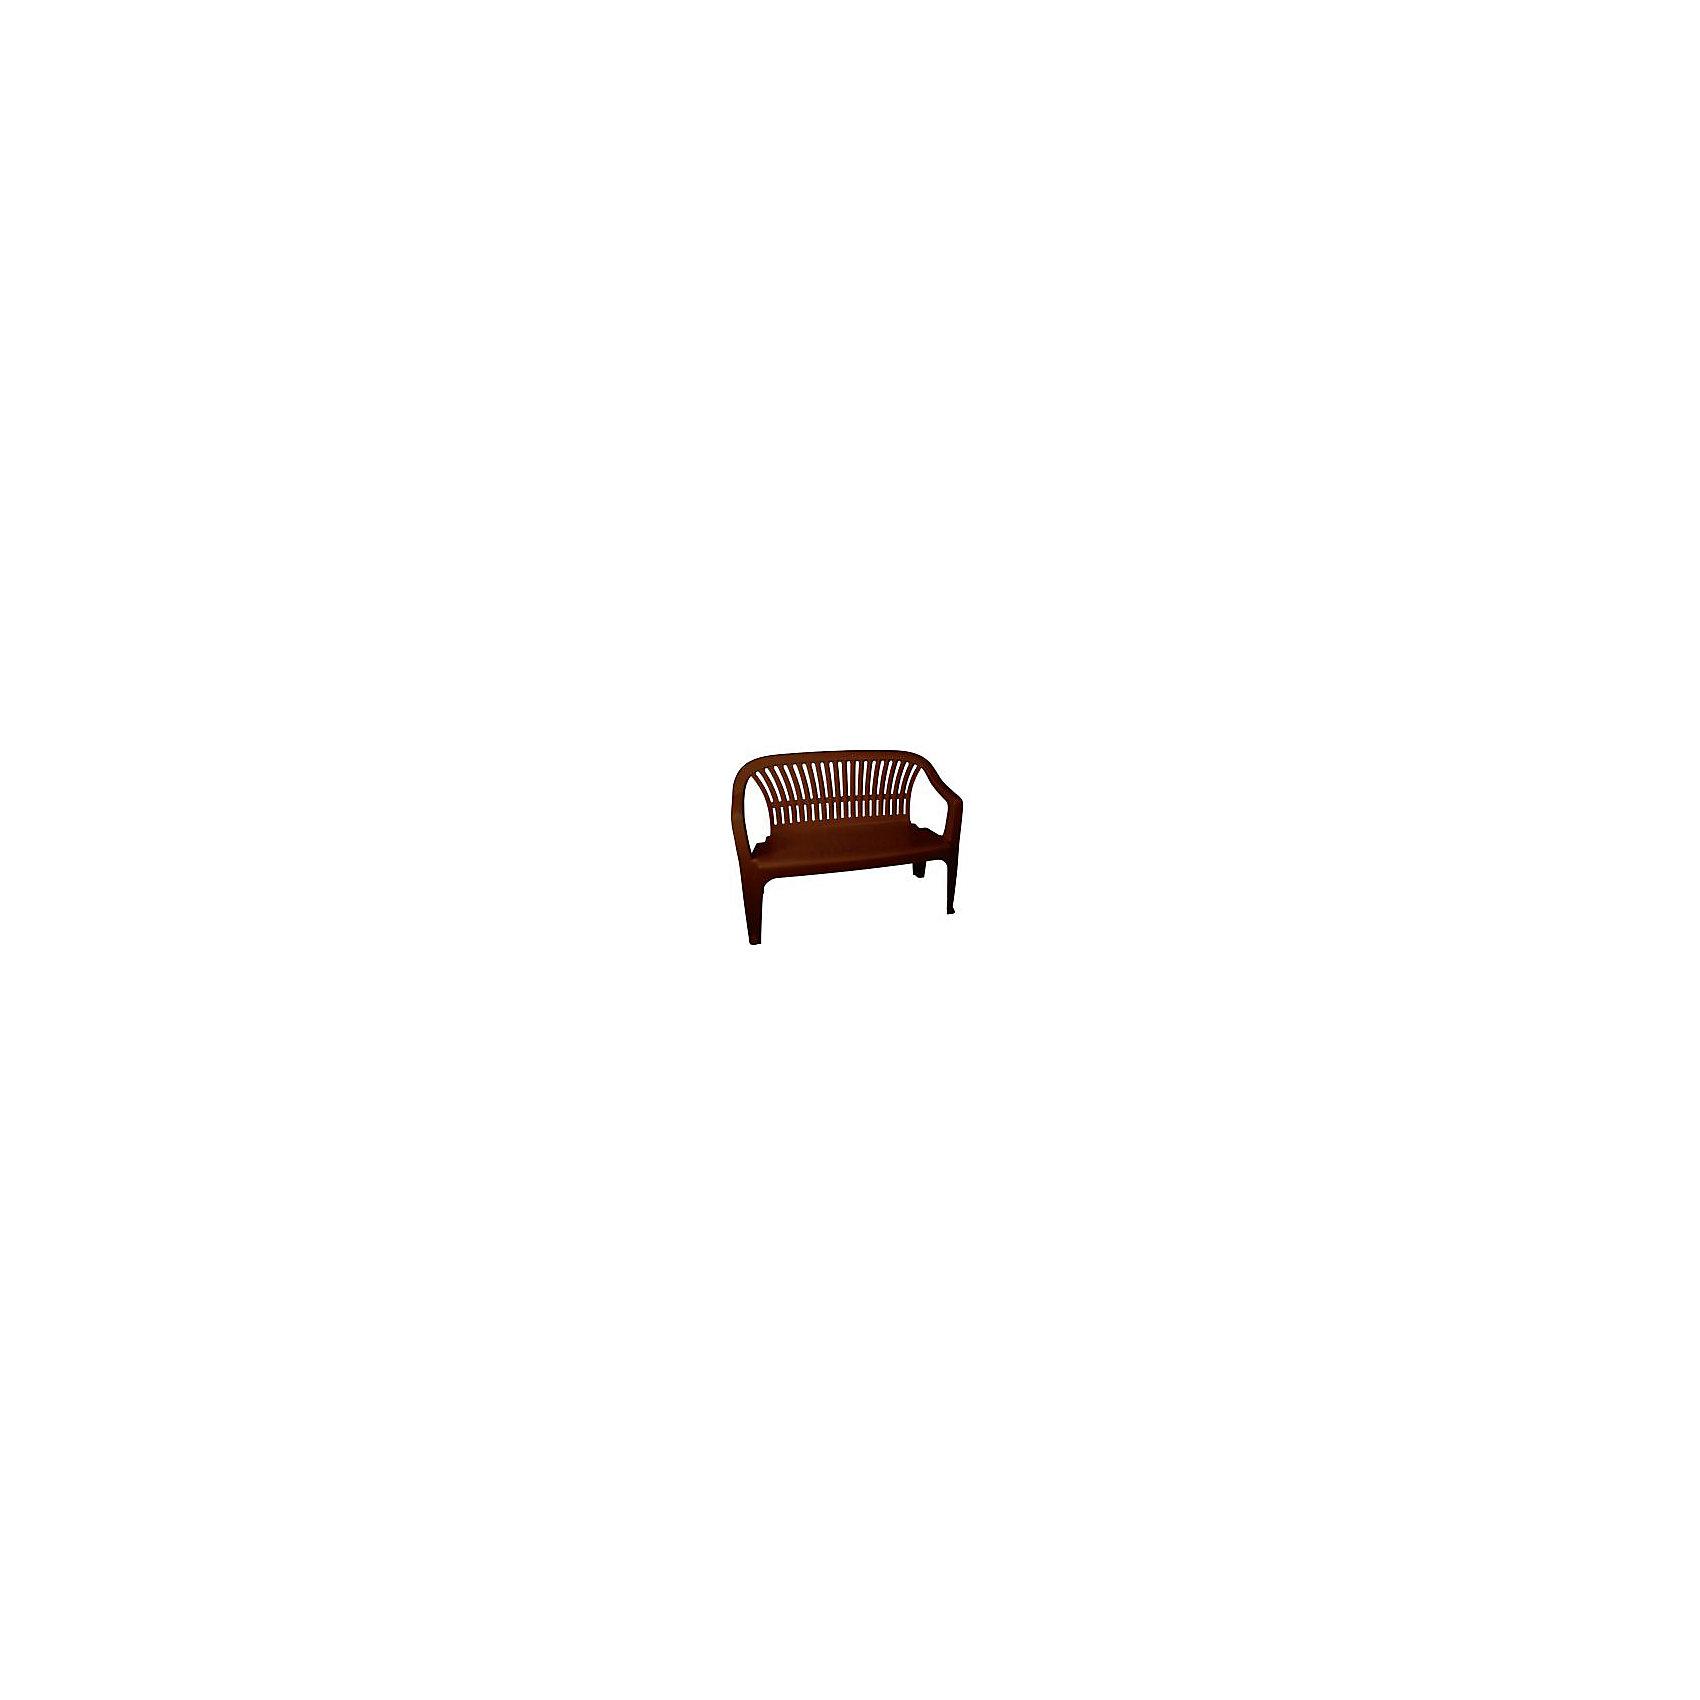 Скамейка со спинкой Престиж 115х60х81, Alternativa, темно-коричневыйДетские столы и стулья<br>Скамейка со спинкой Престиж 115х60х81, Alternativa (Альтернатива), тёмно-коричневый<br><br>Характеристики:<br><br>• классический дизайн<br>• легко мыть<br>• изготовлена из прочного пластика<br>• размер: 115х60х81 см<br>• цвет: темно-коричневый<br>• вес: 5,7 кг<br><br>Престиж - классическая скамейка из качественного пластика. Она обладает высокой прочностью, устойчивостью. Кроме того, скамейку легко очистить от загрязнений. Вы сможете с комфортом отдохнуть в саду или на даче. Классический дизайн скамейки хорошо подойдет к любому помещению.<br><br>Скамейку со спинкой Престиж 115х60х81, Alternativa (Альтернатива), тёмно-коричневый можно купить в нашем интернет-магазине.<br><br>Ширина мм: 1150<br>Глубина мм: 600<br>Высота мм: 810<br>Вес г: 5700<br>Возраст от месяцев: 216<br>Возраст до месяцев: 1188<br>Пол: Унисекс<br>Возраст: Детский<br>SKU: 5475657